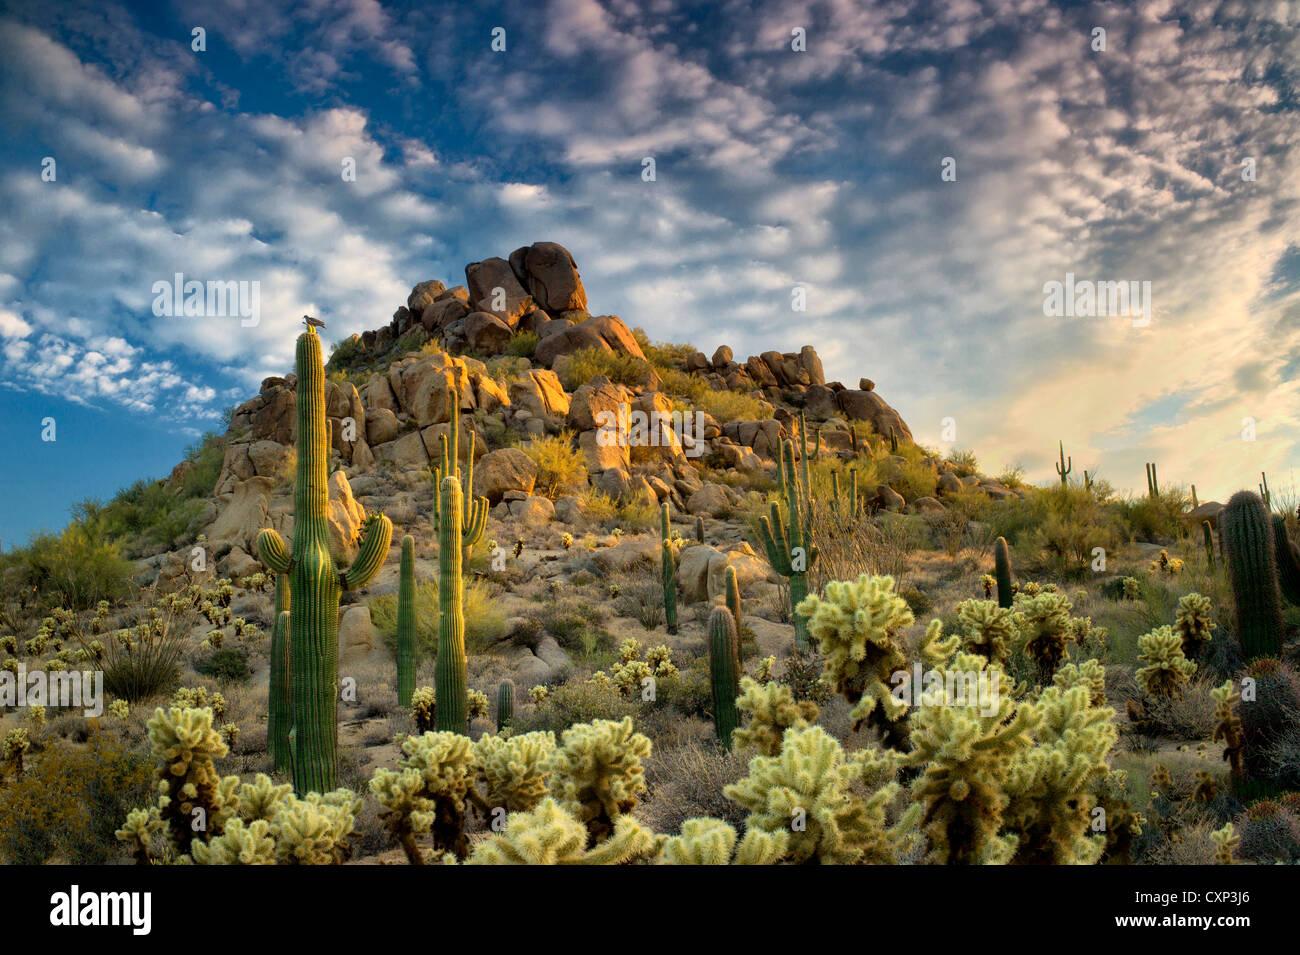 Y cholla cactus saguaro al atardecer. Desierto de Sonora, Arizona Imagen De Stock